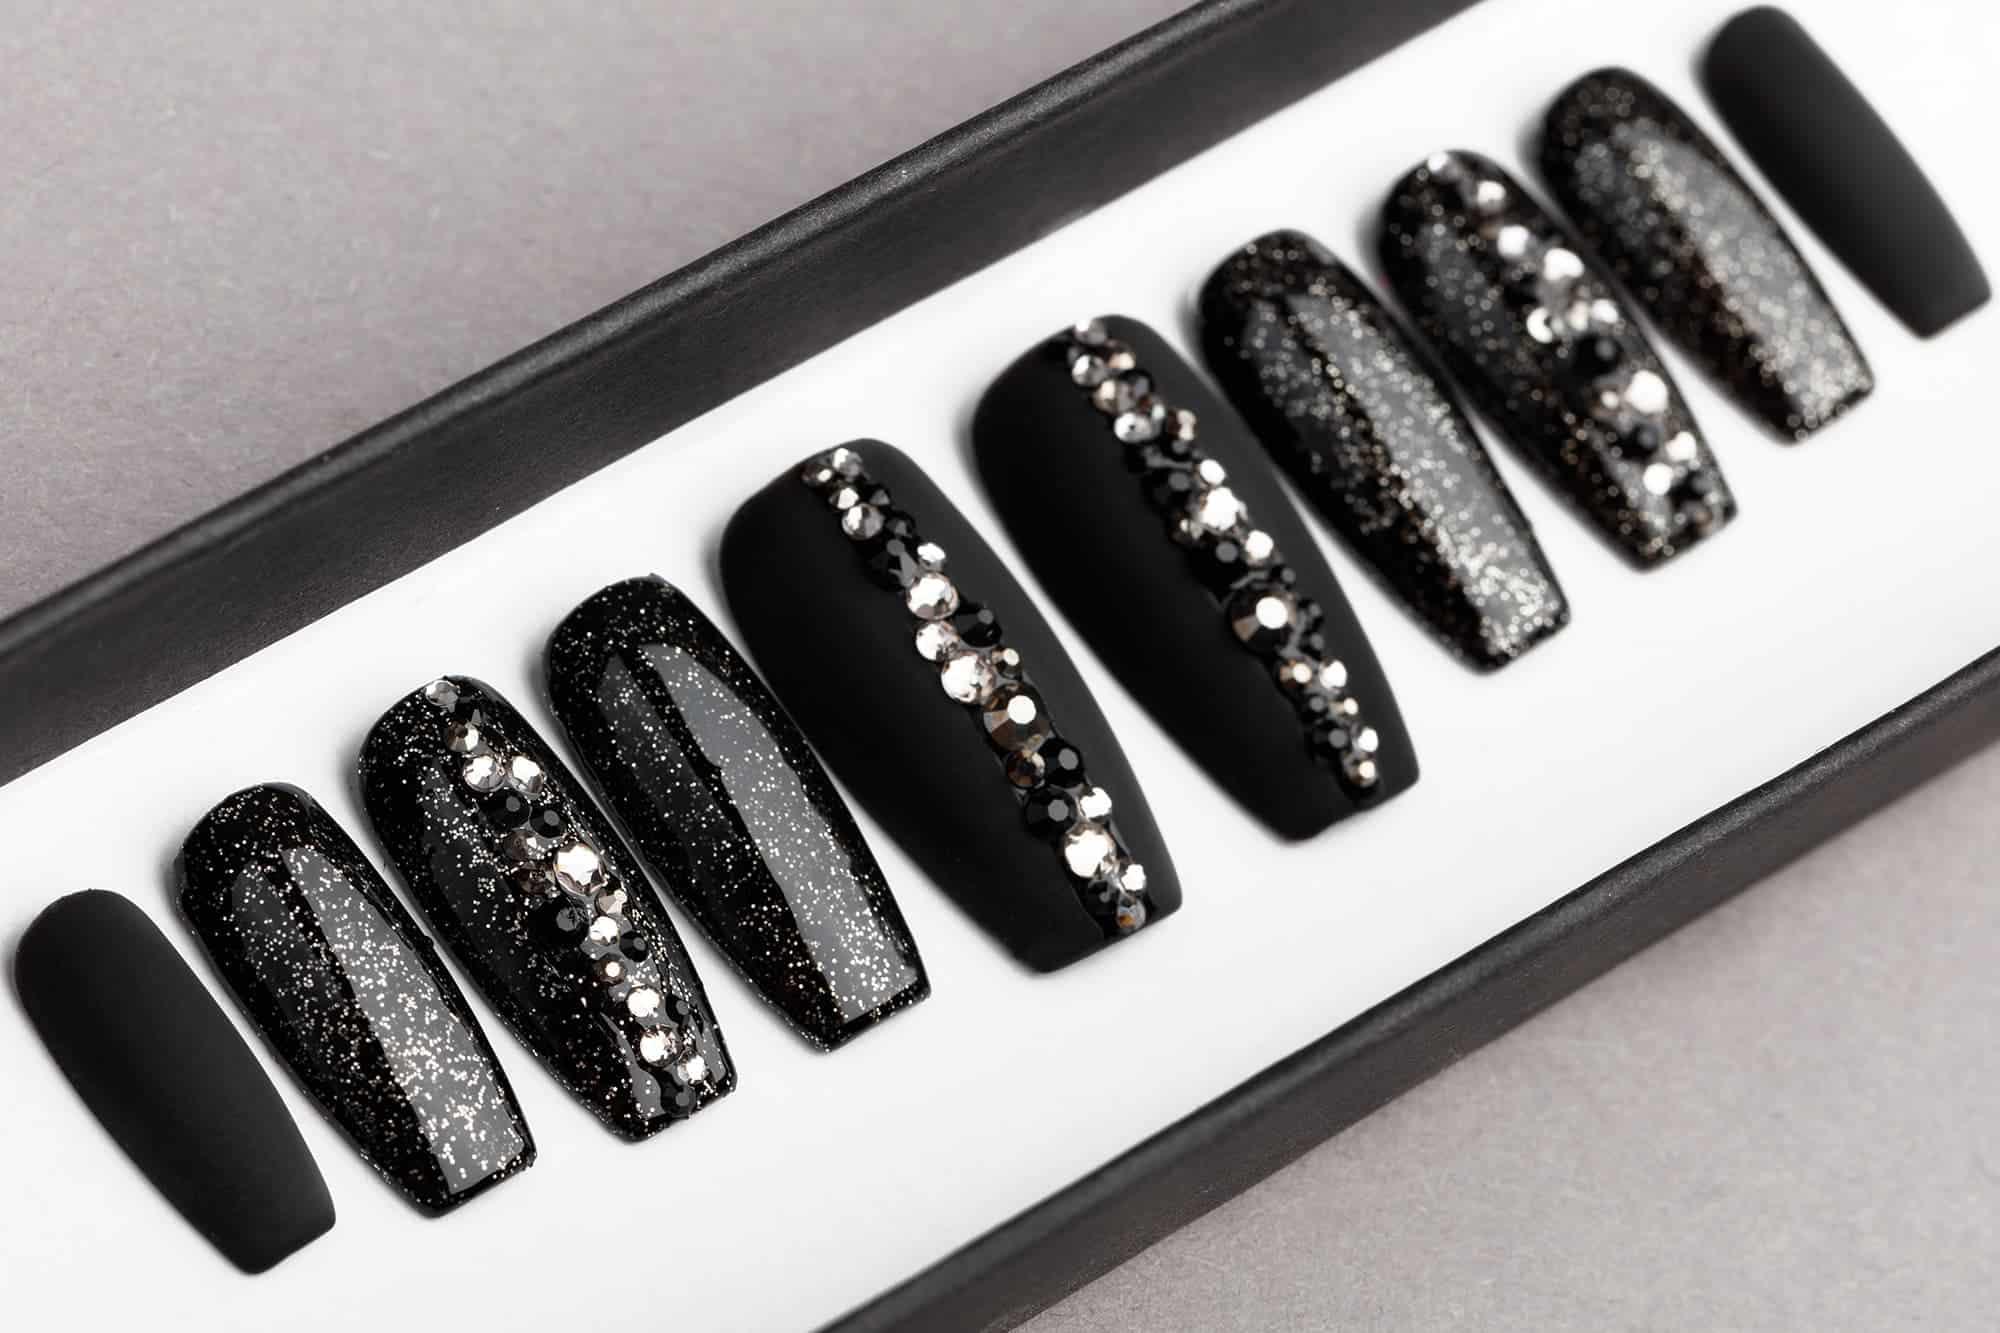 Black Abstract Press On Nails With Swarovski Crystals Lilium Nails